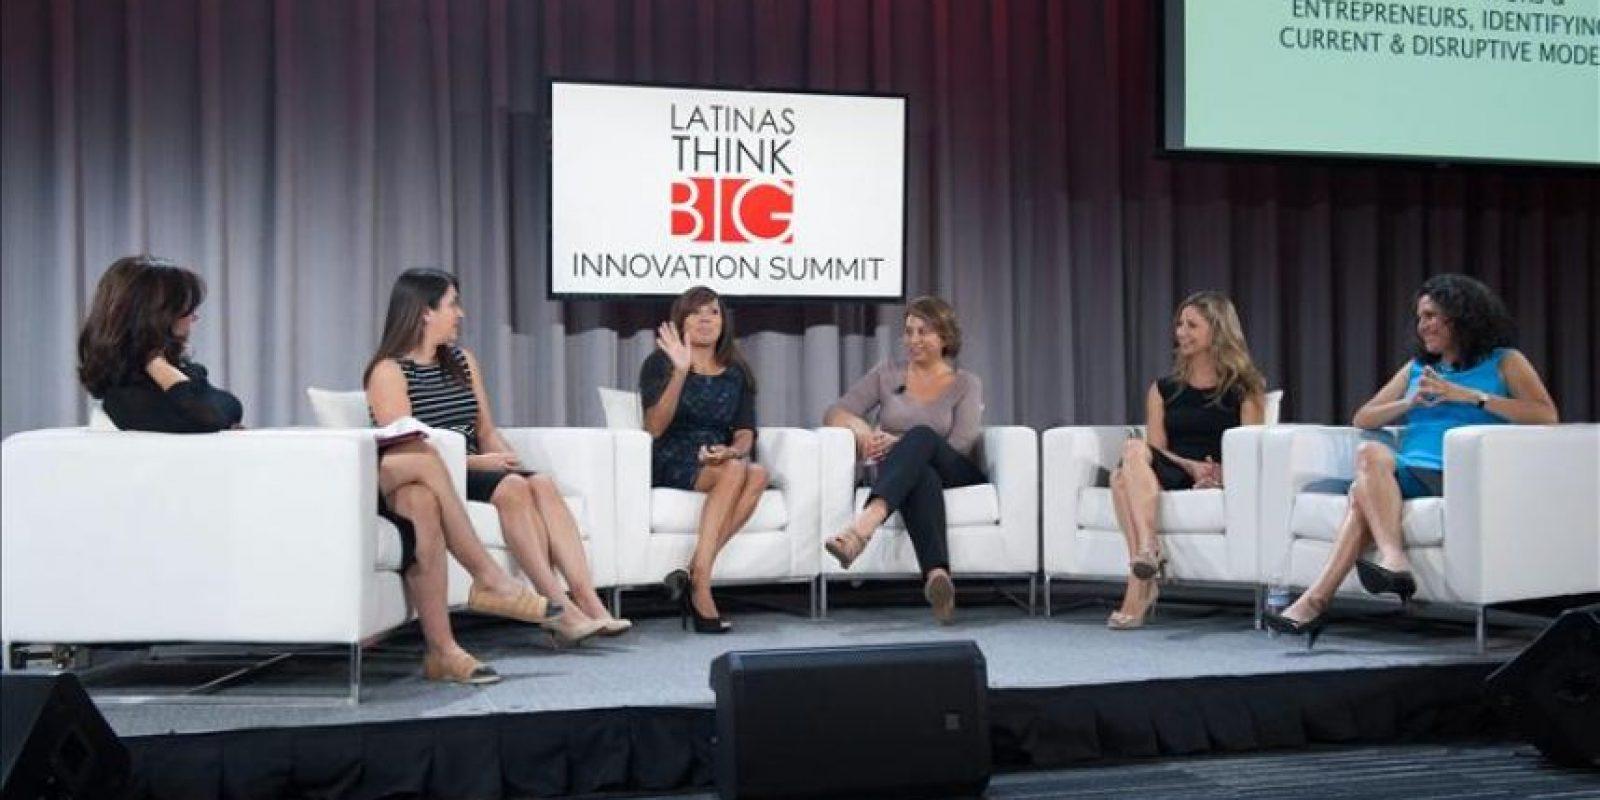 """(De izq. a dcha.) Andrea Gueldenman, Luz Rivas, Ileana Rivera, Sylvia Flores, Laura Chicurel y Sylvia Vasquez-Lavado hablan durante su participación en una conferencia de alto nivel convocada por """"Latinas Think Big"""" (""""Las latinas piensan a lo grande""""), en la sede de Google en Mountain View, California (EE.UU.). EFE"""